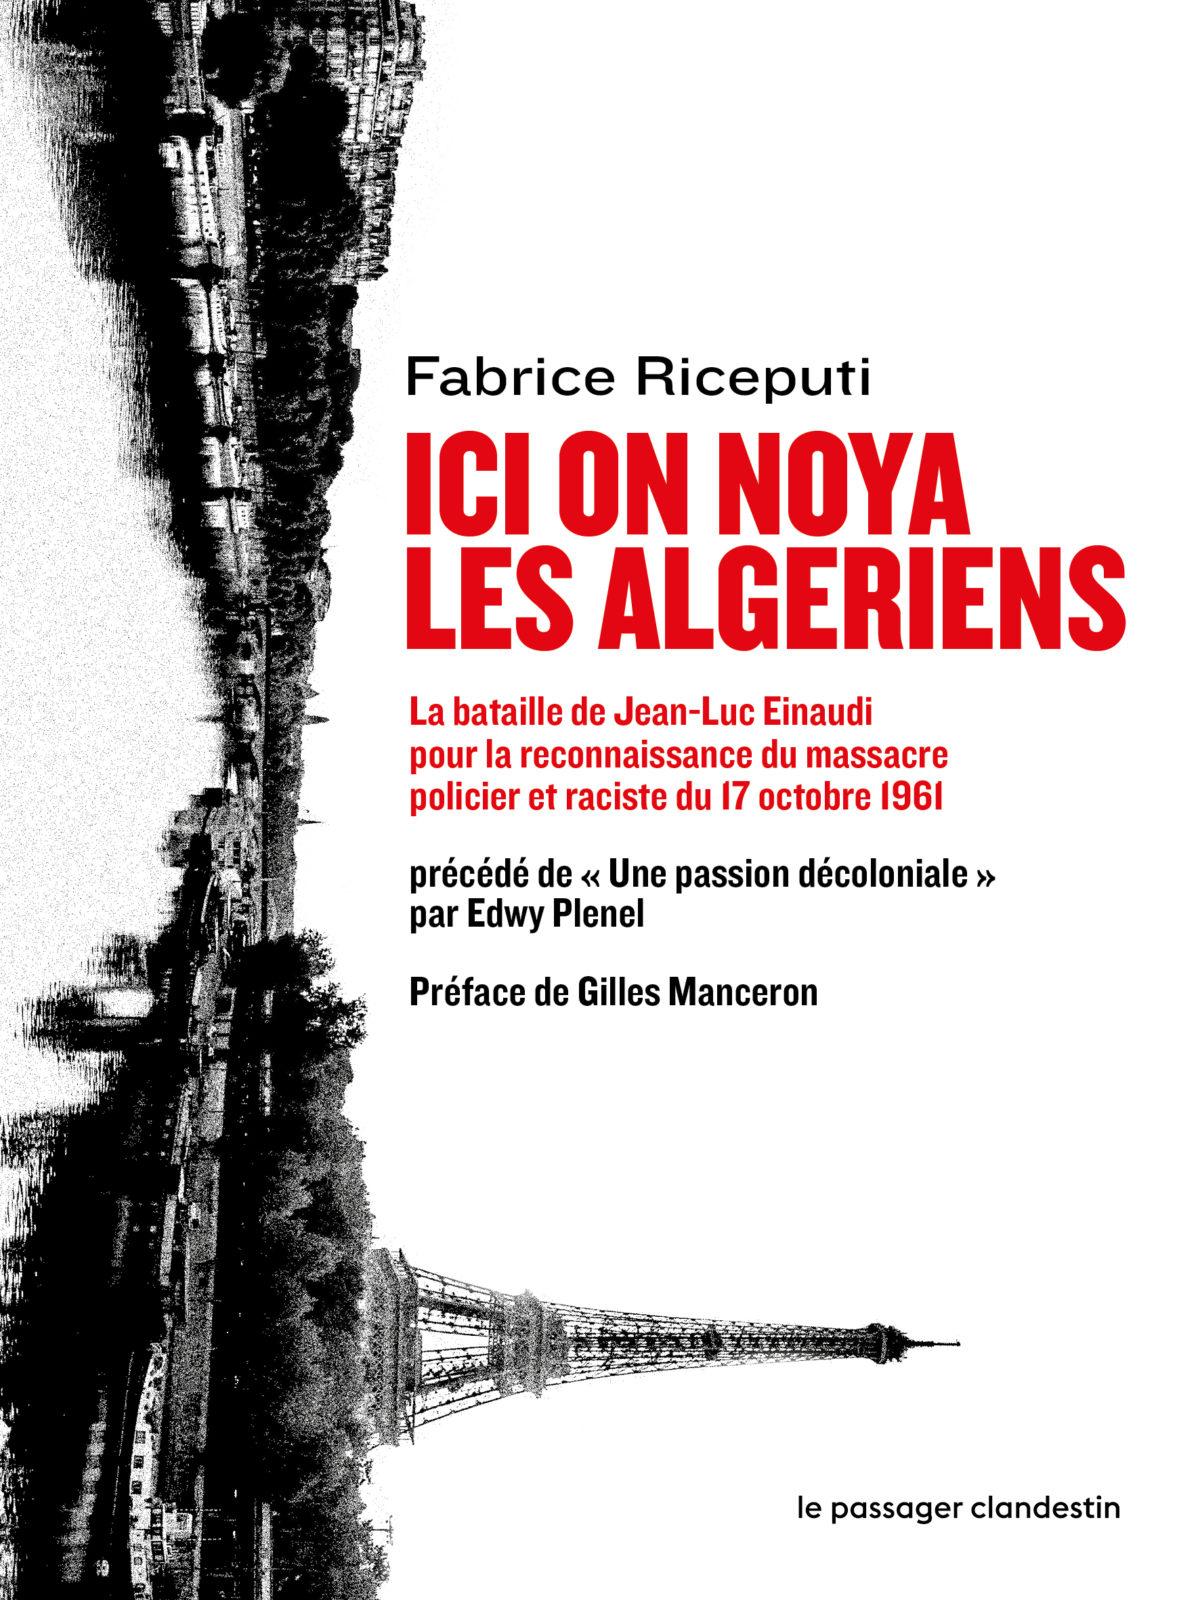 Ici on noya les Algériens